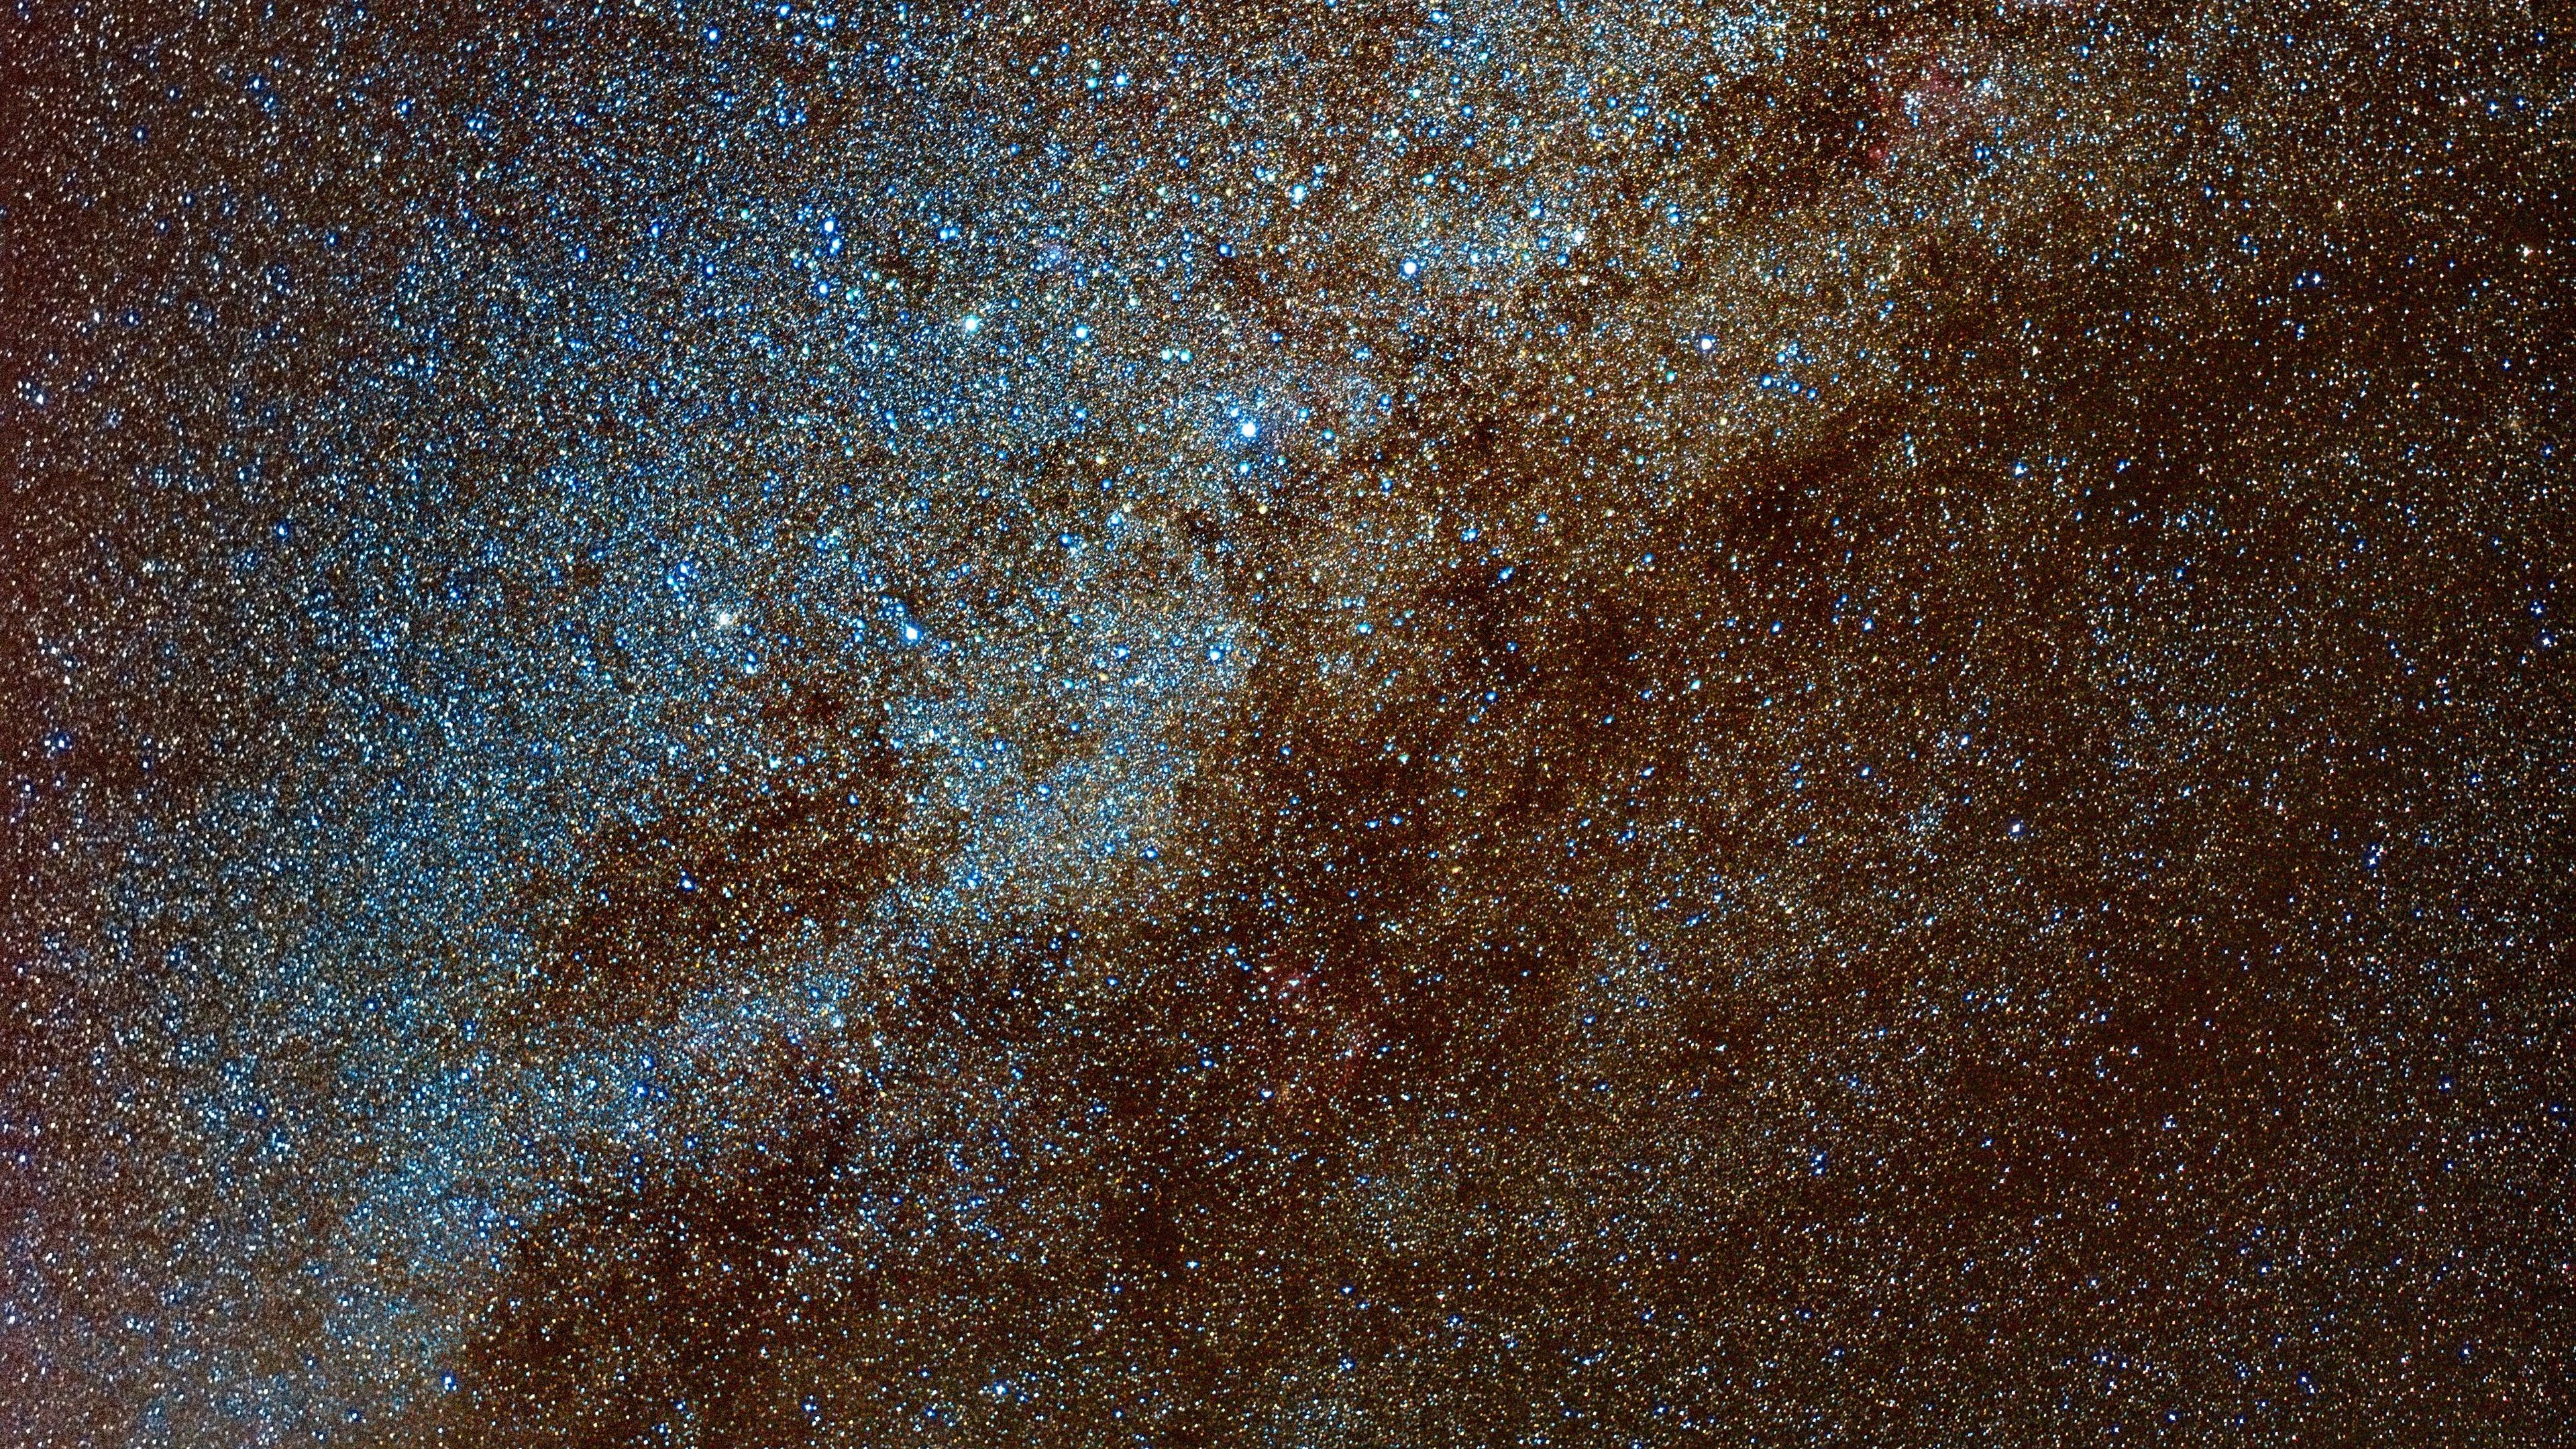 starry sky milky way galaxy 4k 1536016899 - starry sky, milky way, galaxy 4k - starry sky, milky way, Galaxy